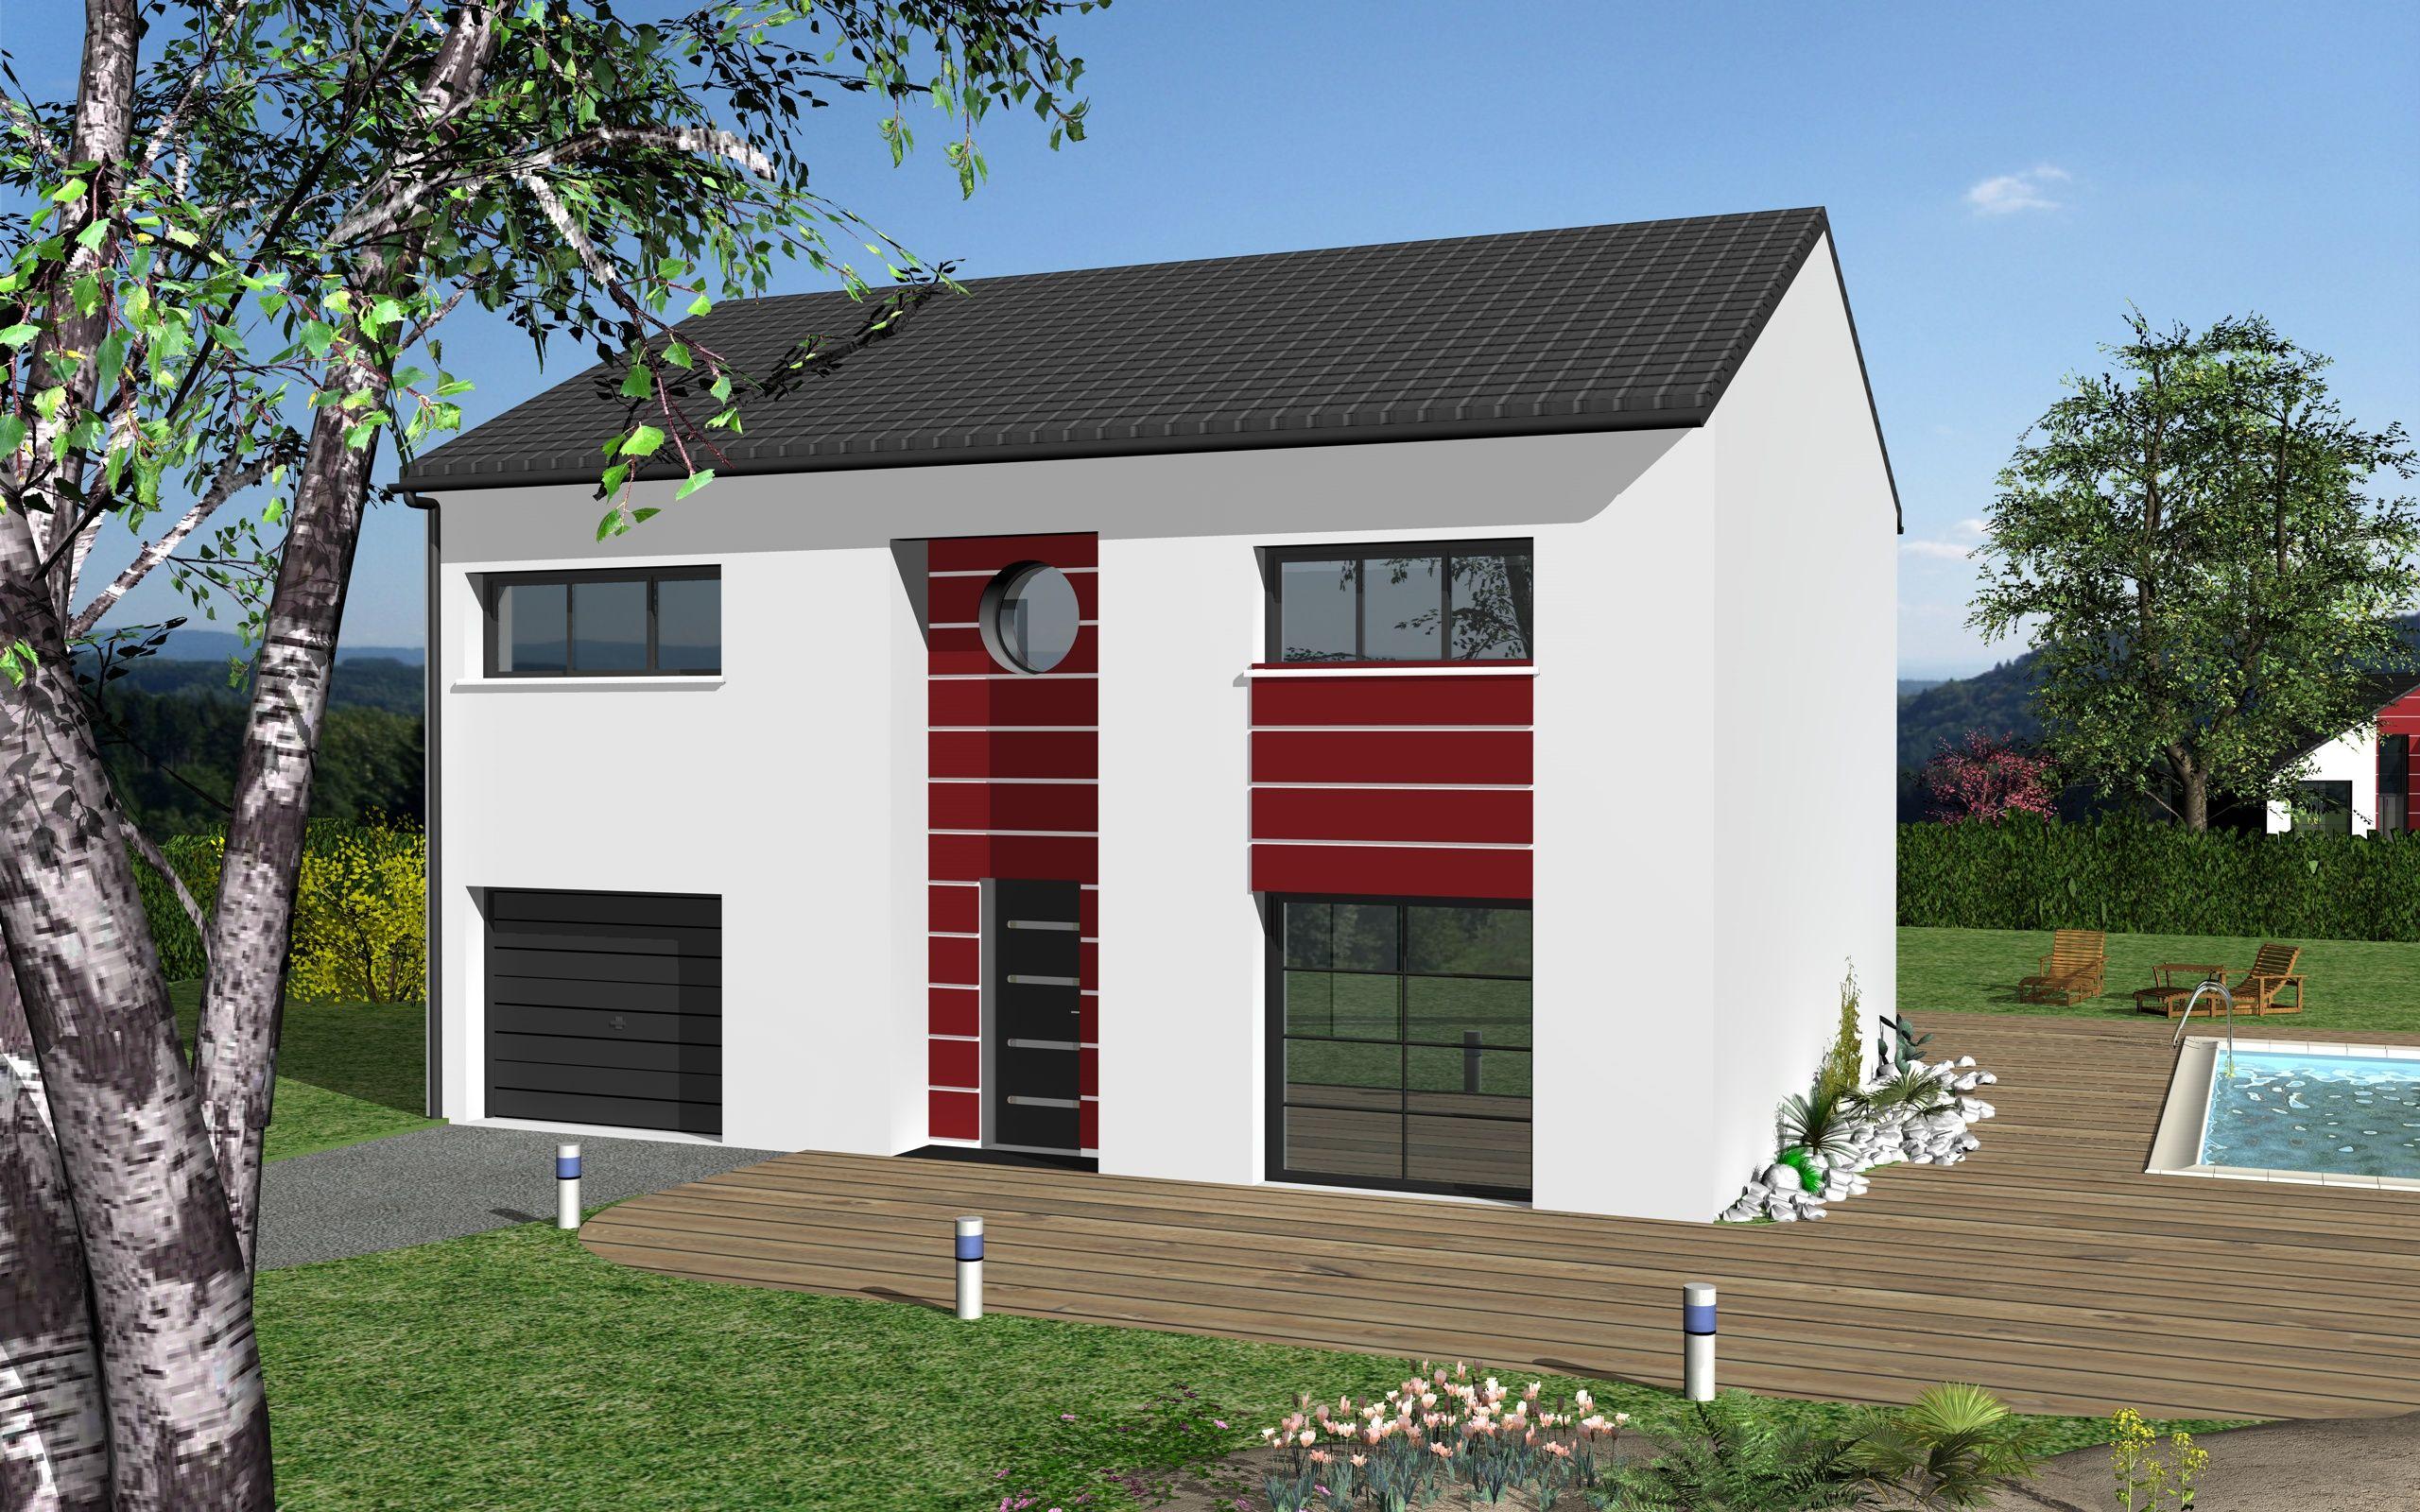 nomie design est un modle de maison de style moderne elle possde 5 pices pour - Facade Maison Style Moderne